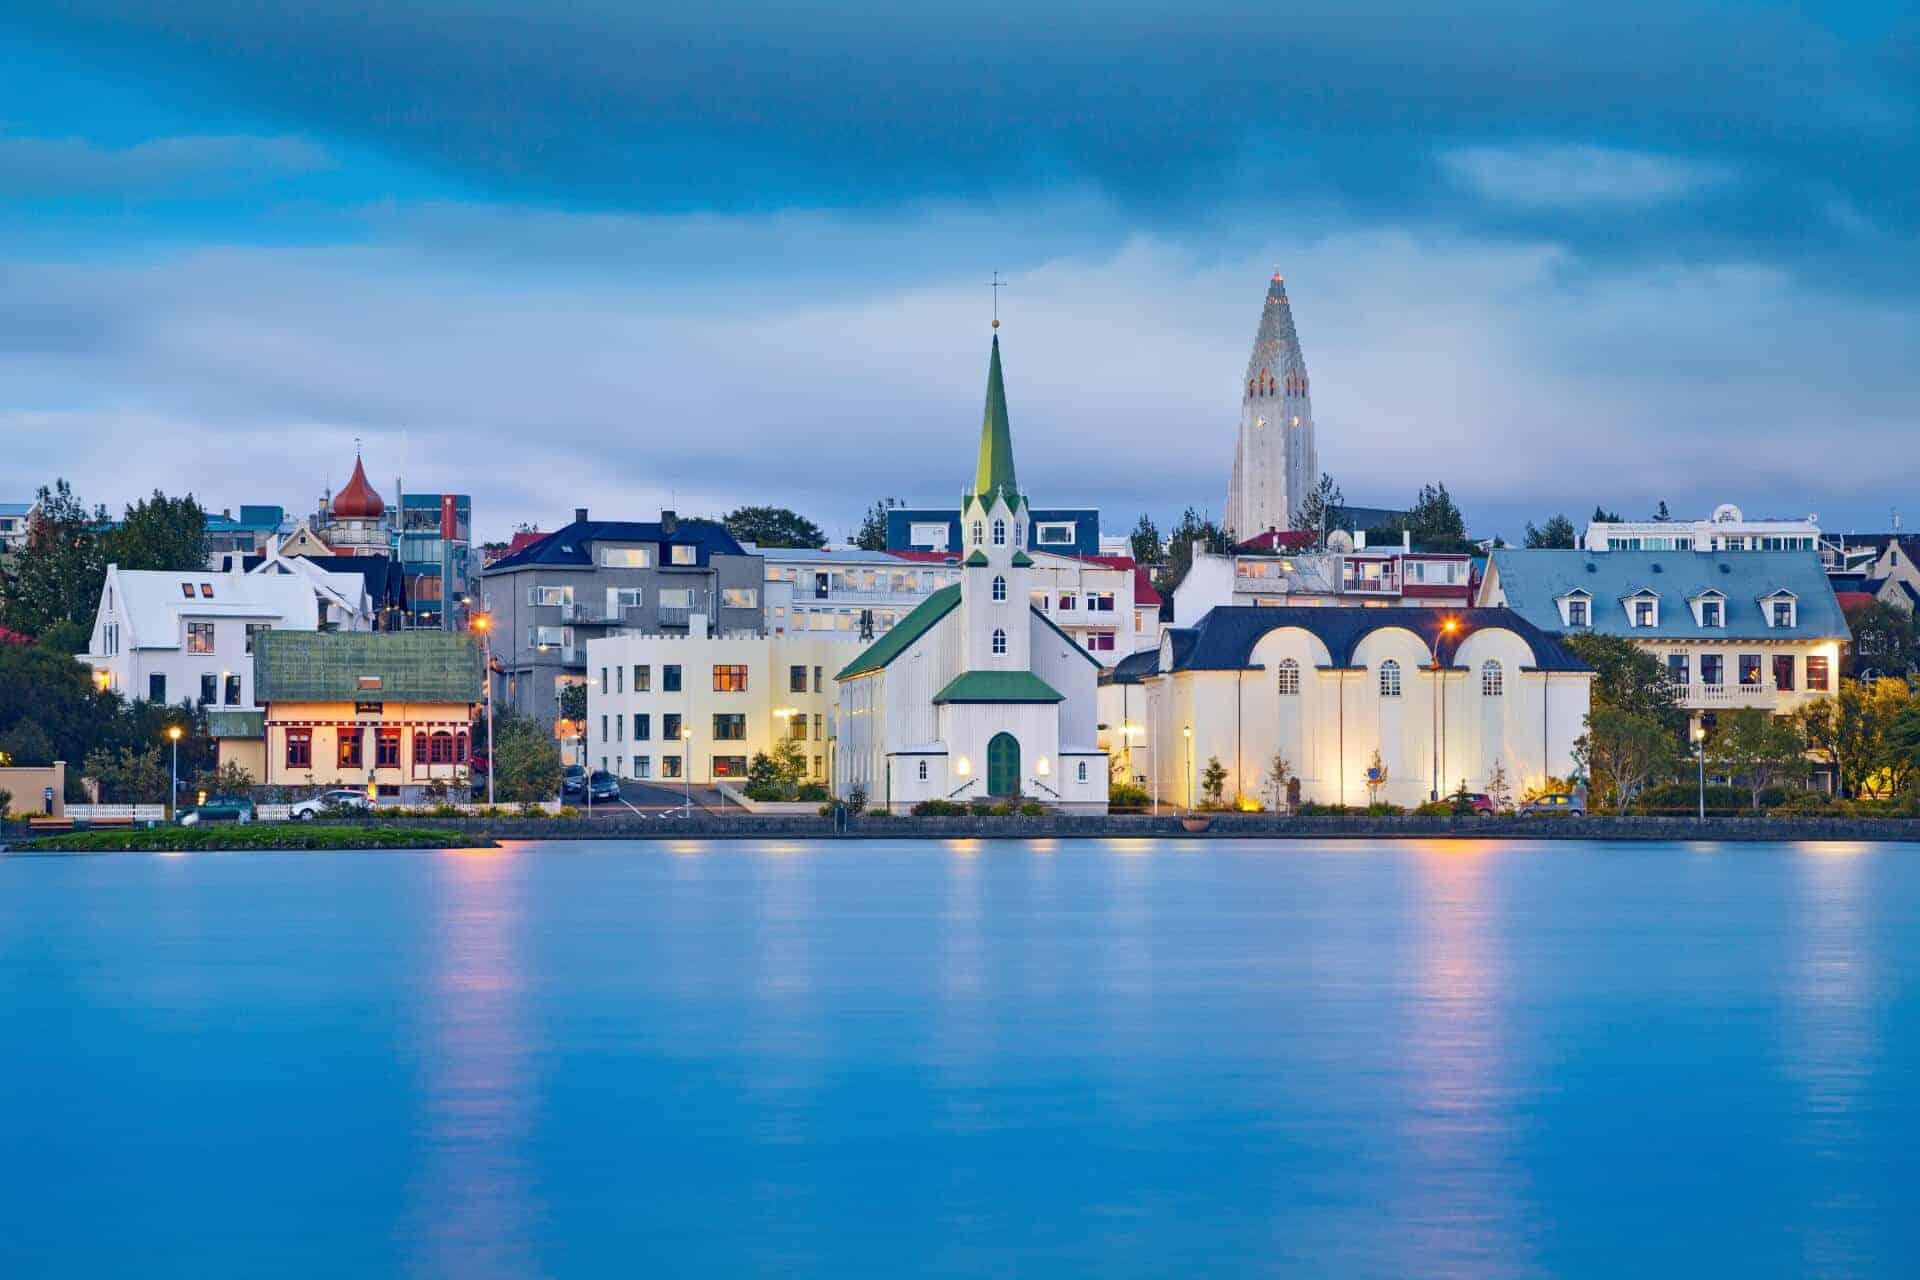 Reykjavik Iceland church